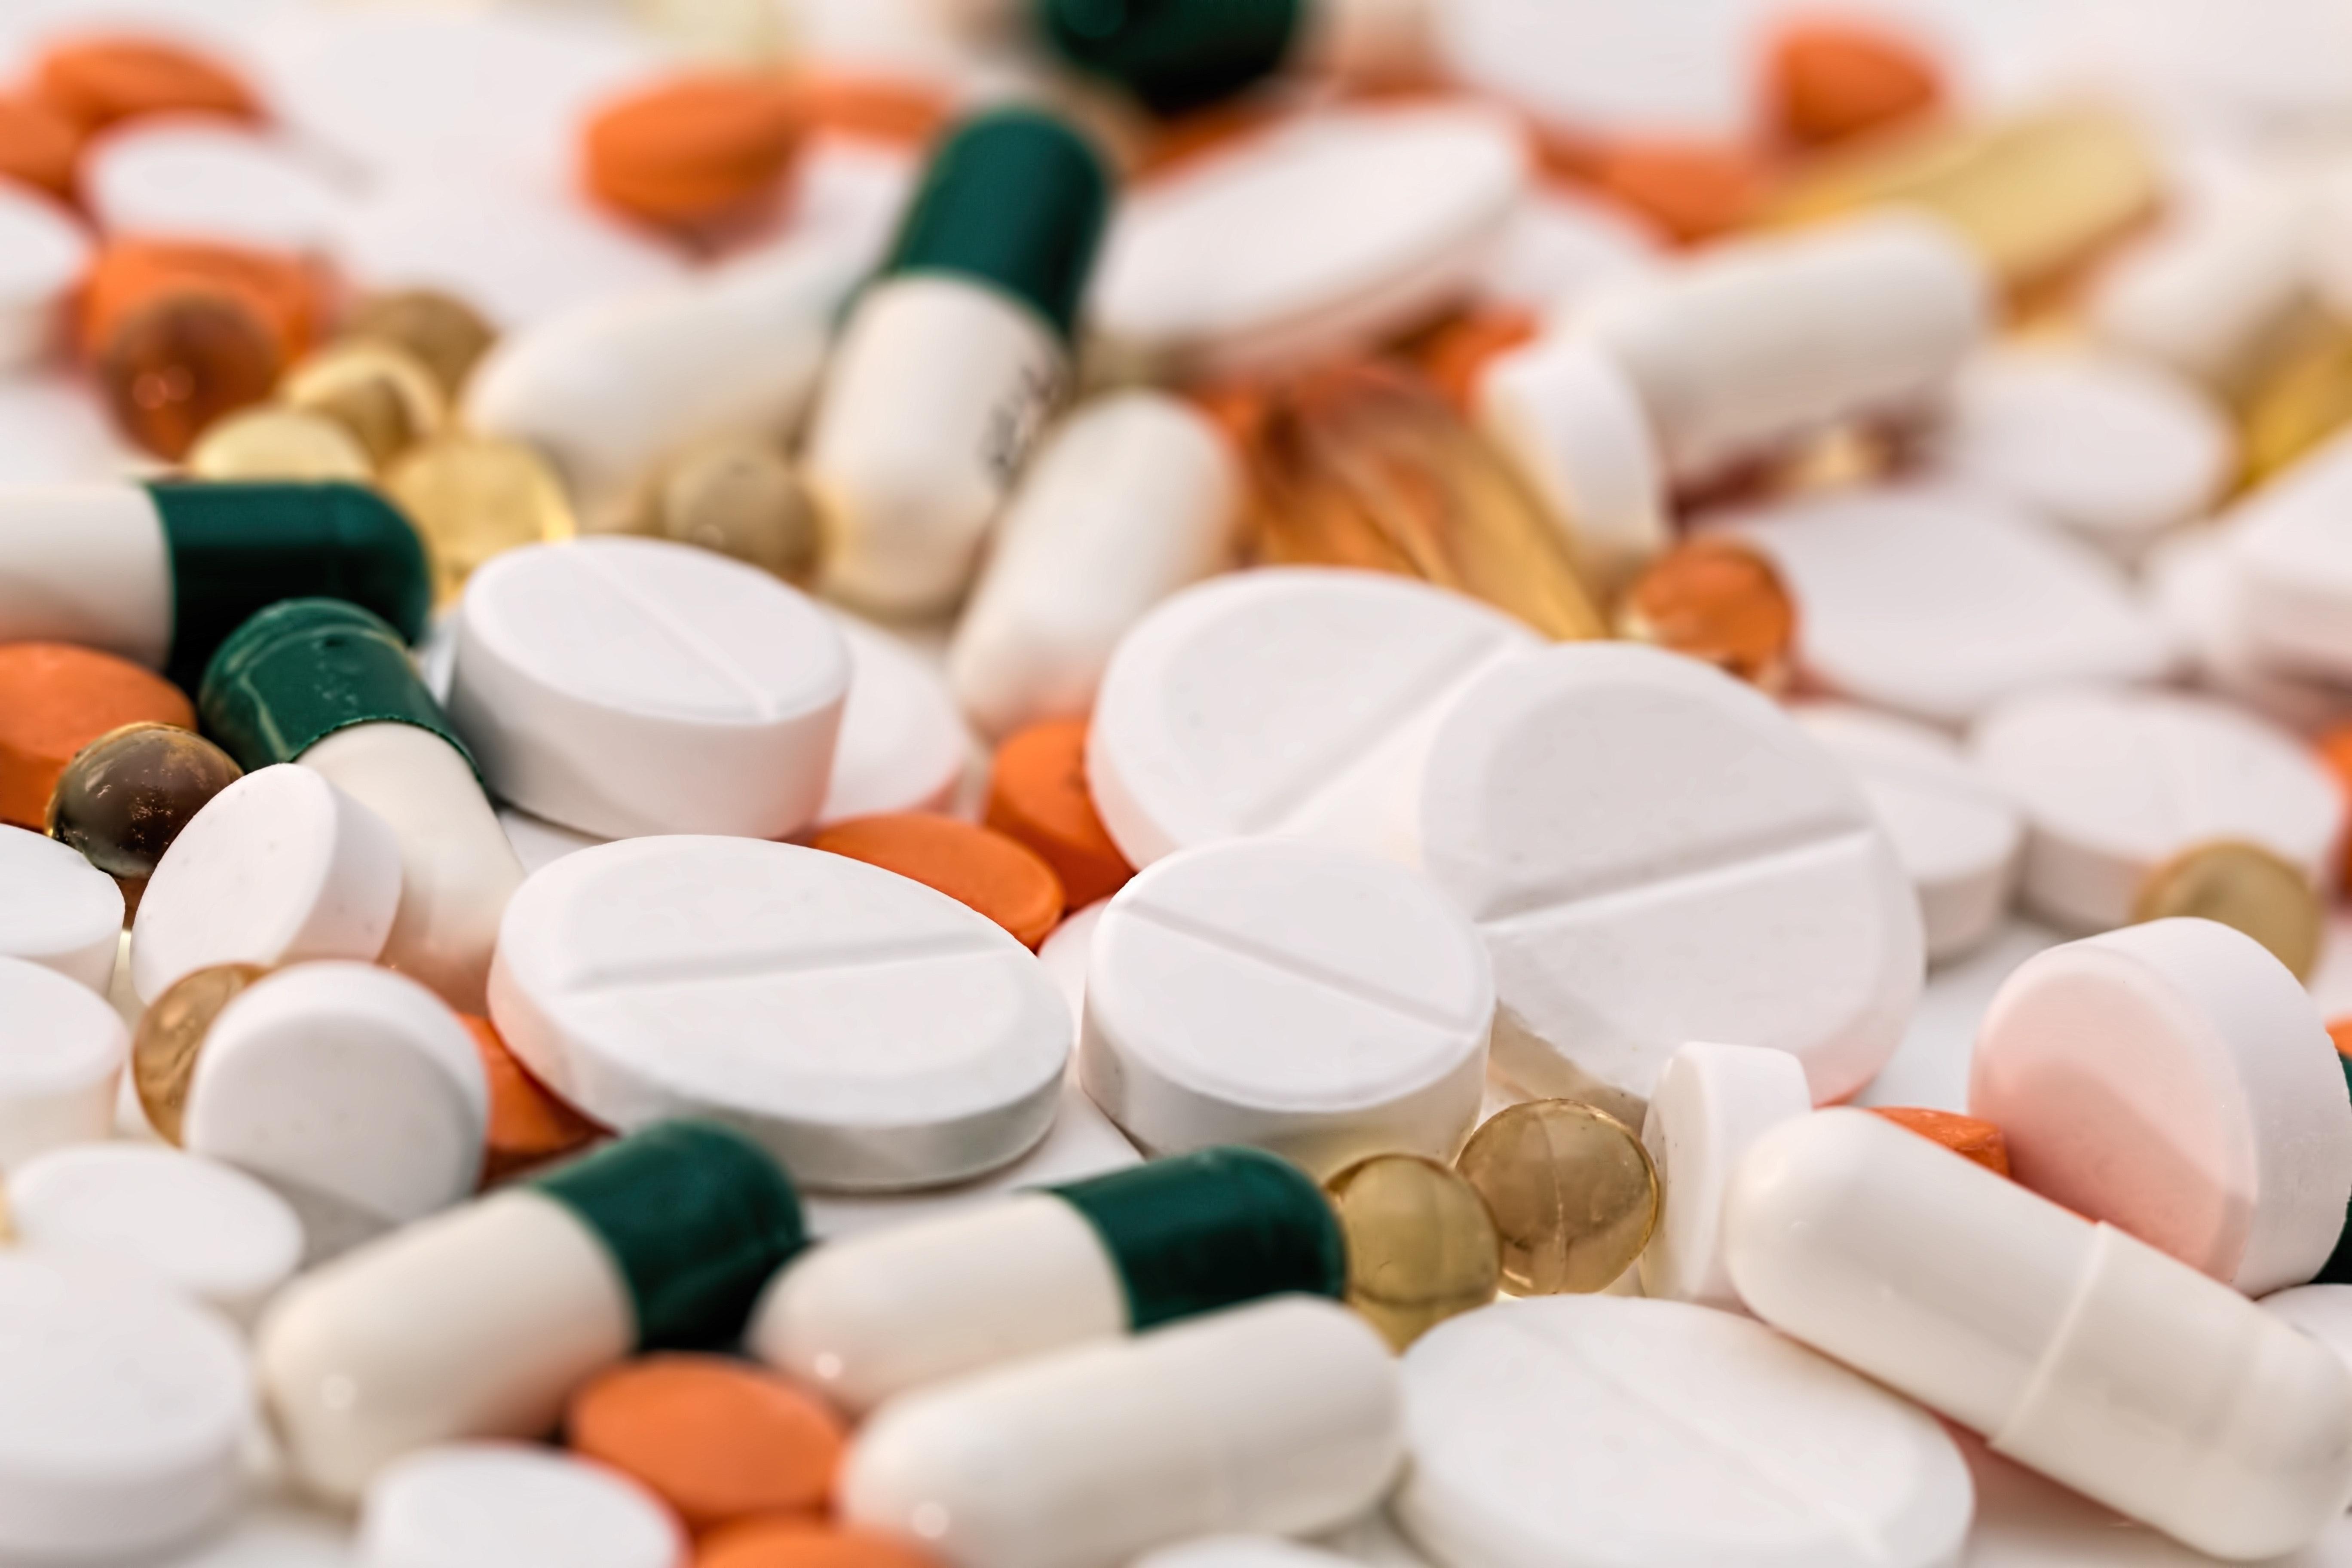 addiction-antibiotic-capsules-159211